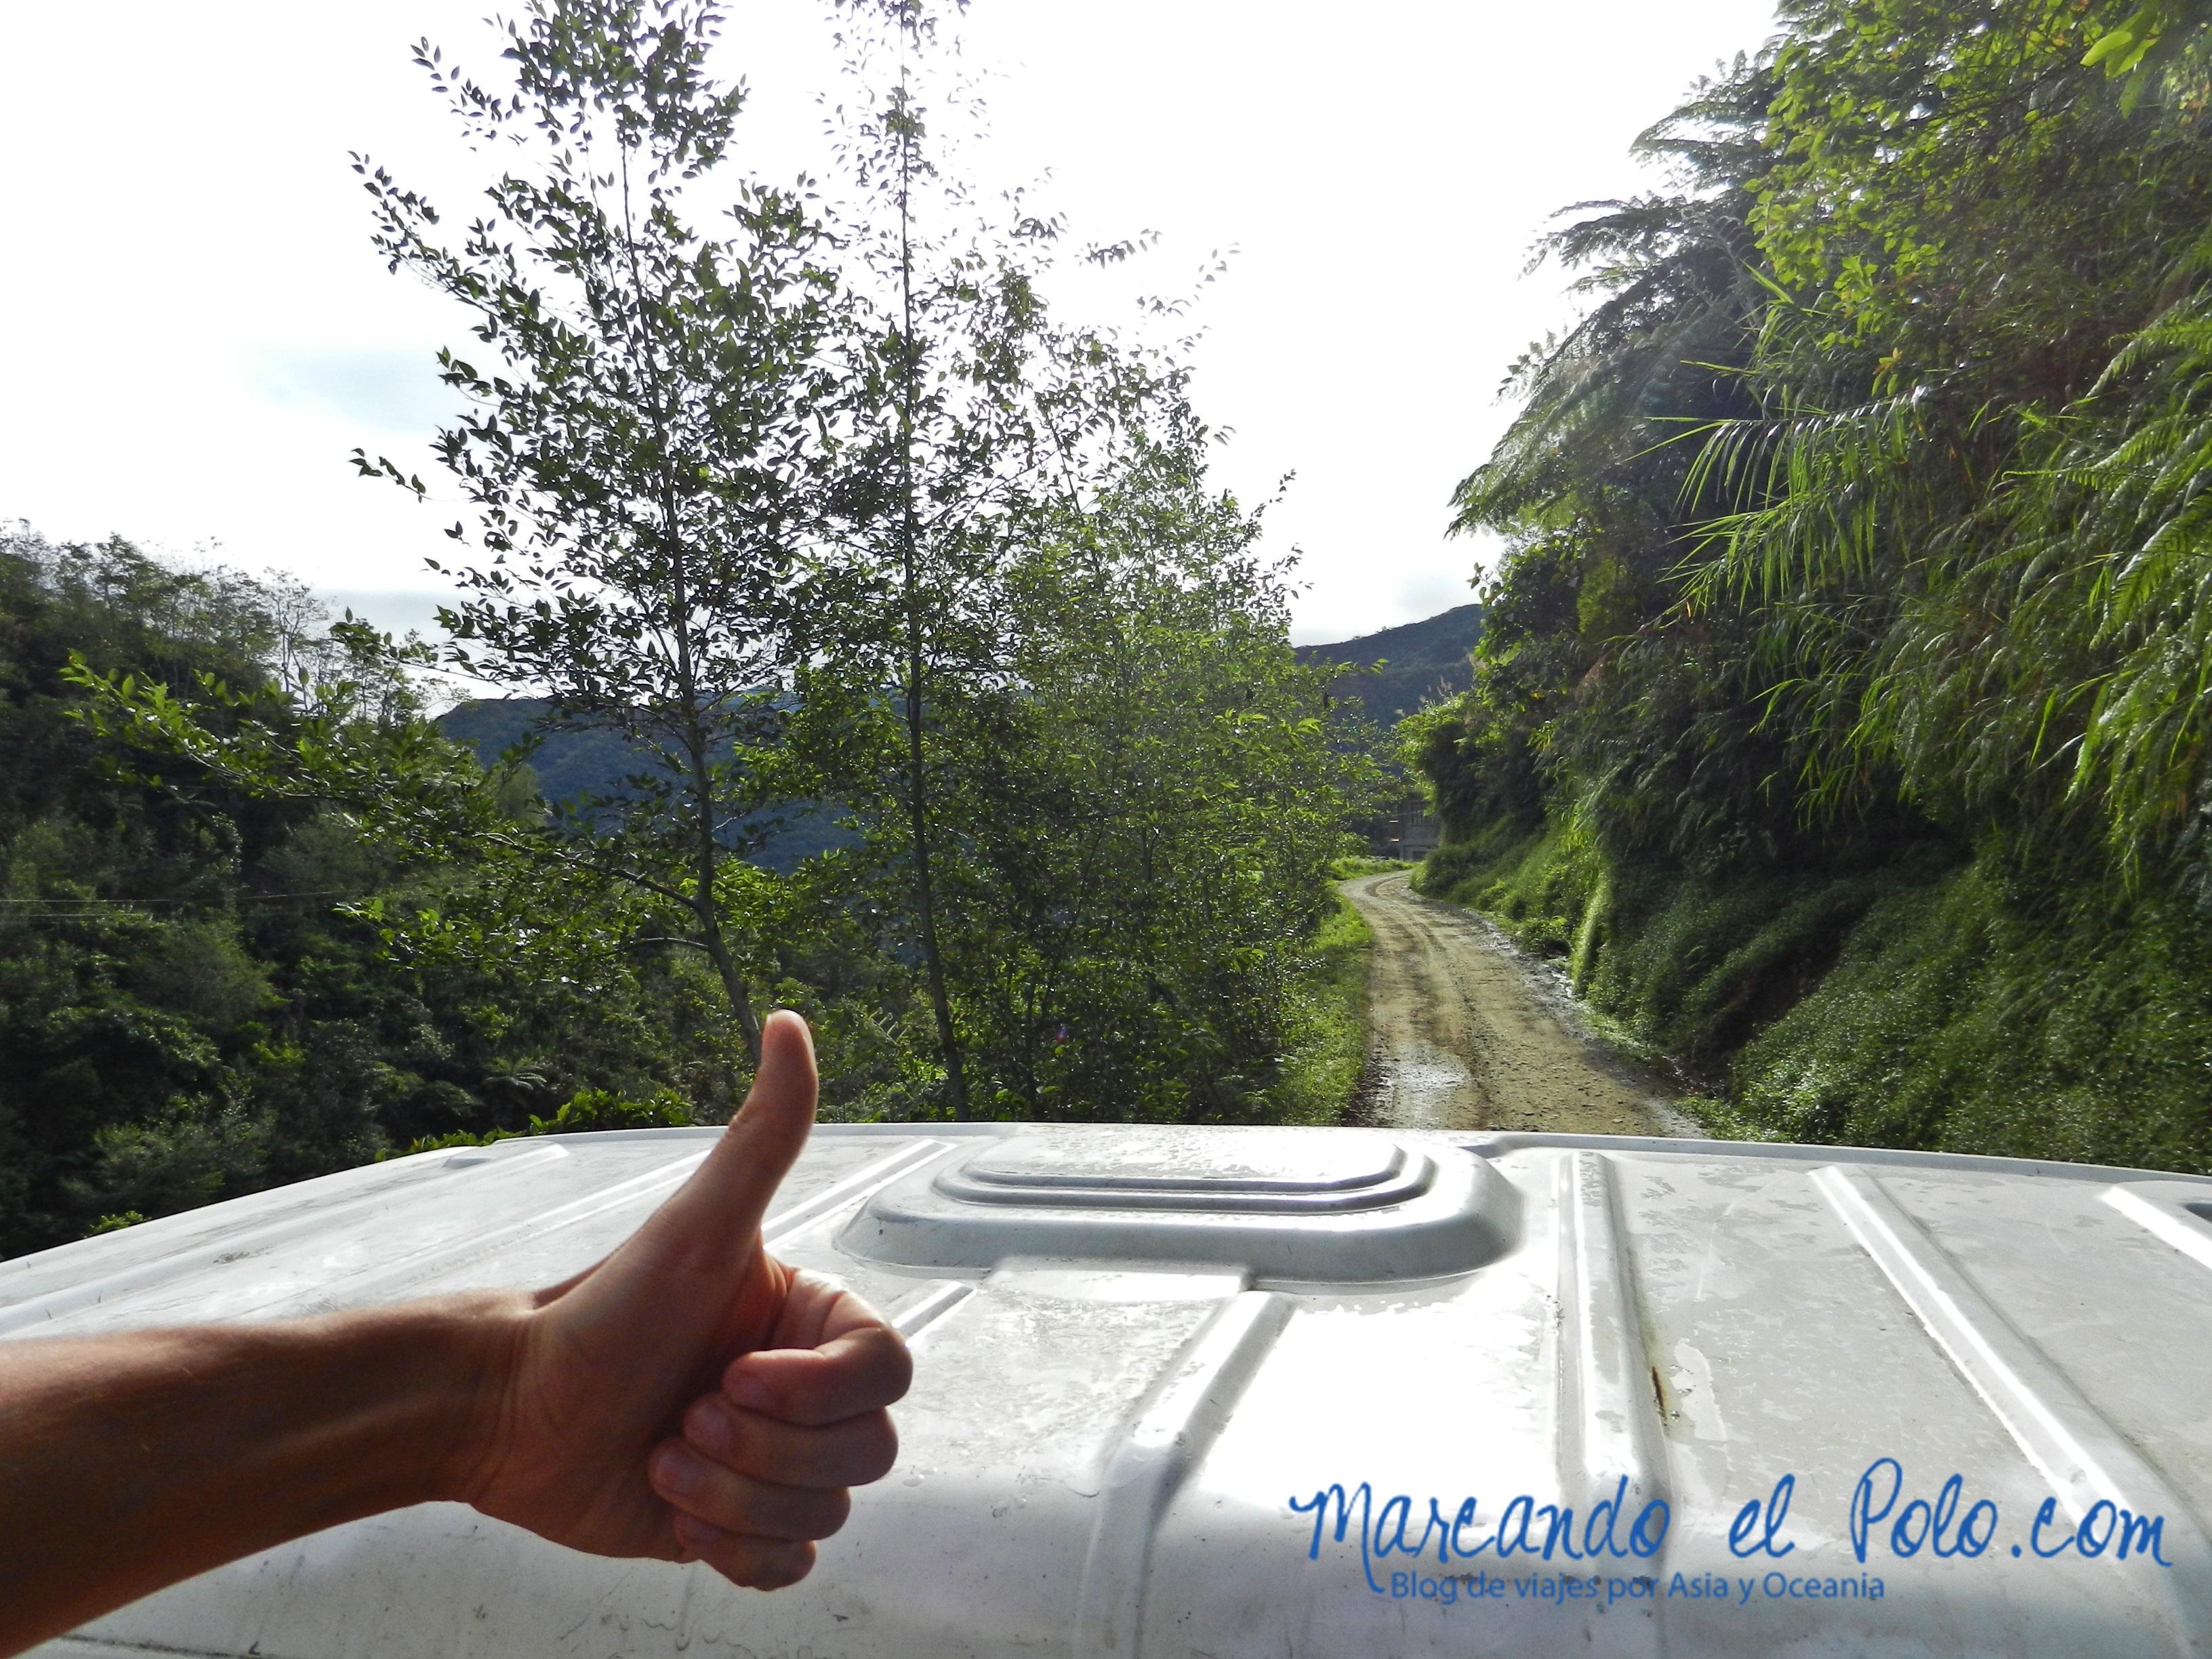 Terrazas de arroz en Filipinas: autostop para llegar